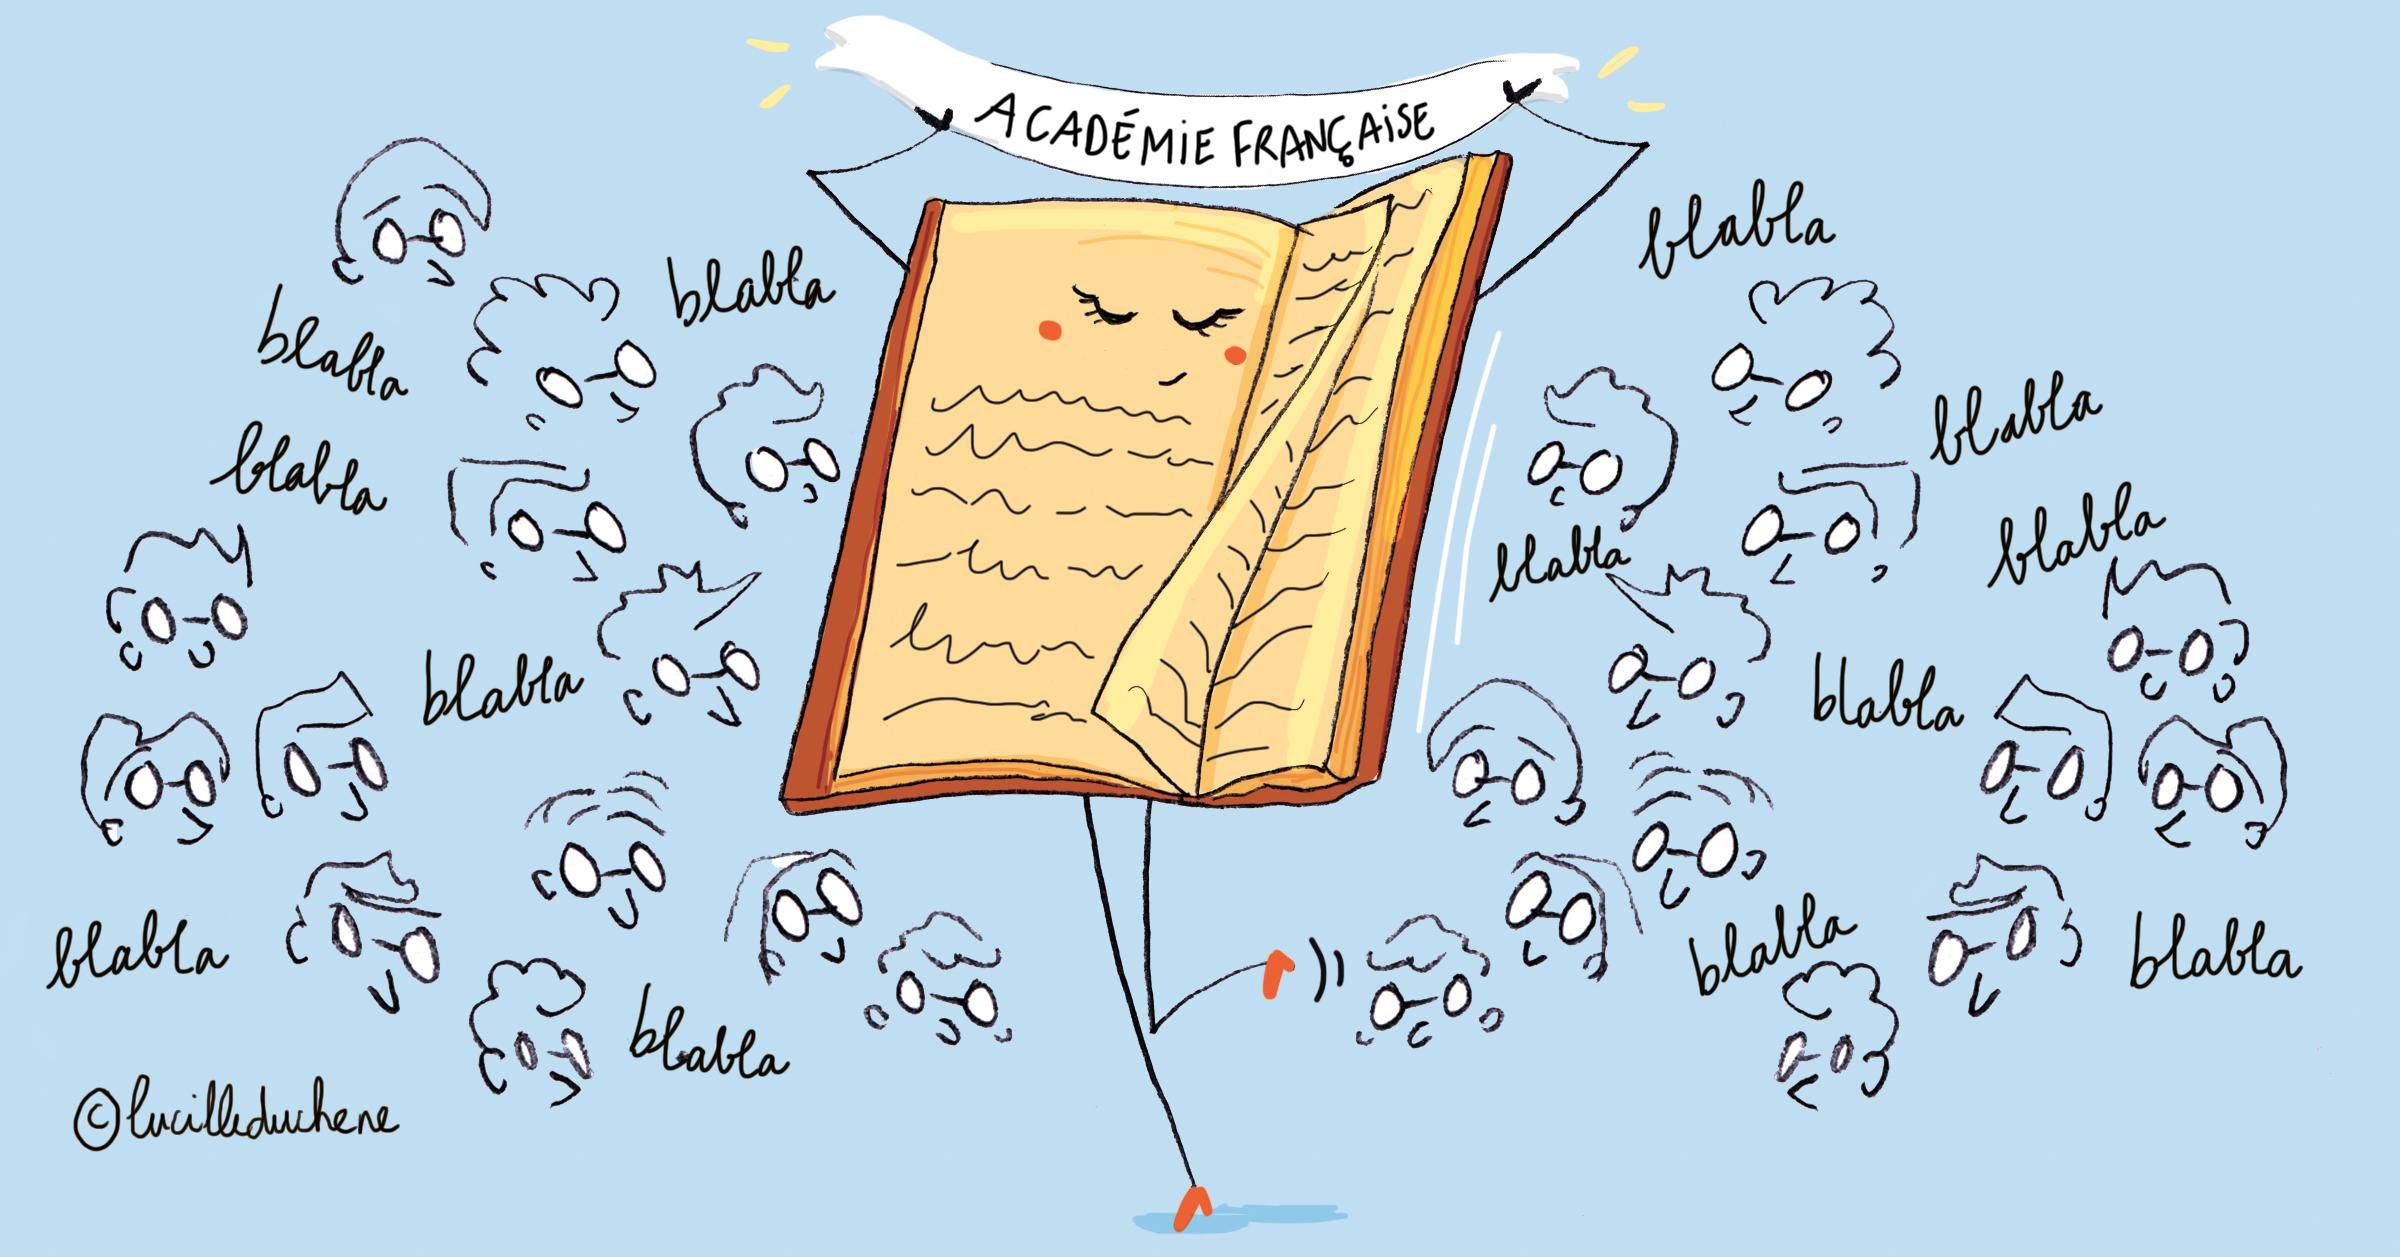 L'Académie Française a occupé un rôle primordial dans l'histoire et dans l'évolution de la langue française